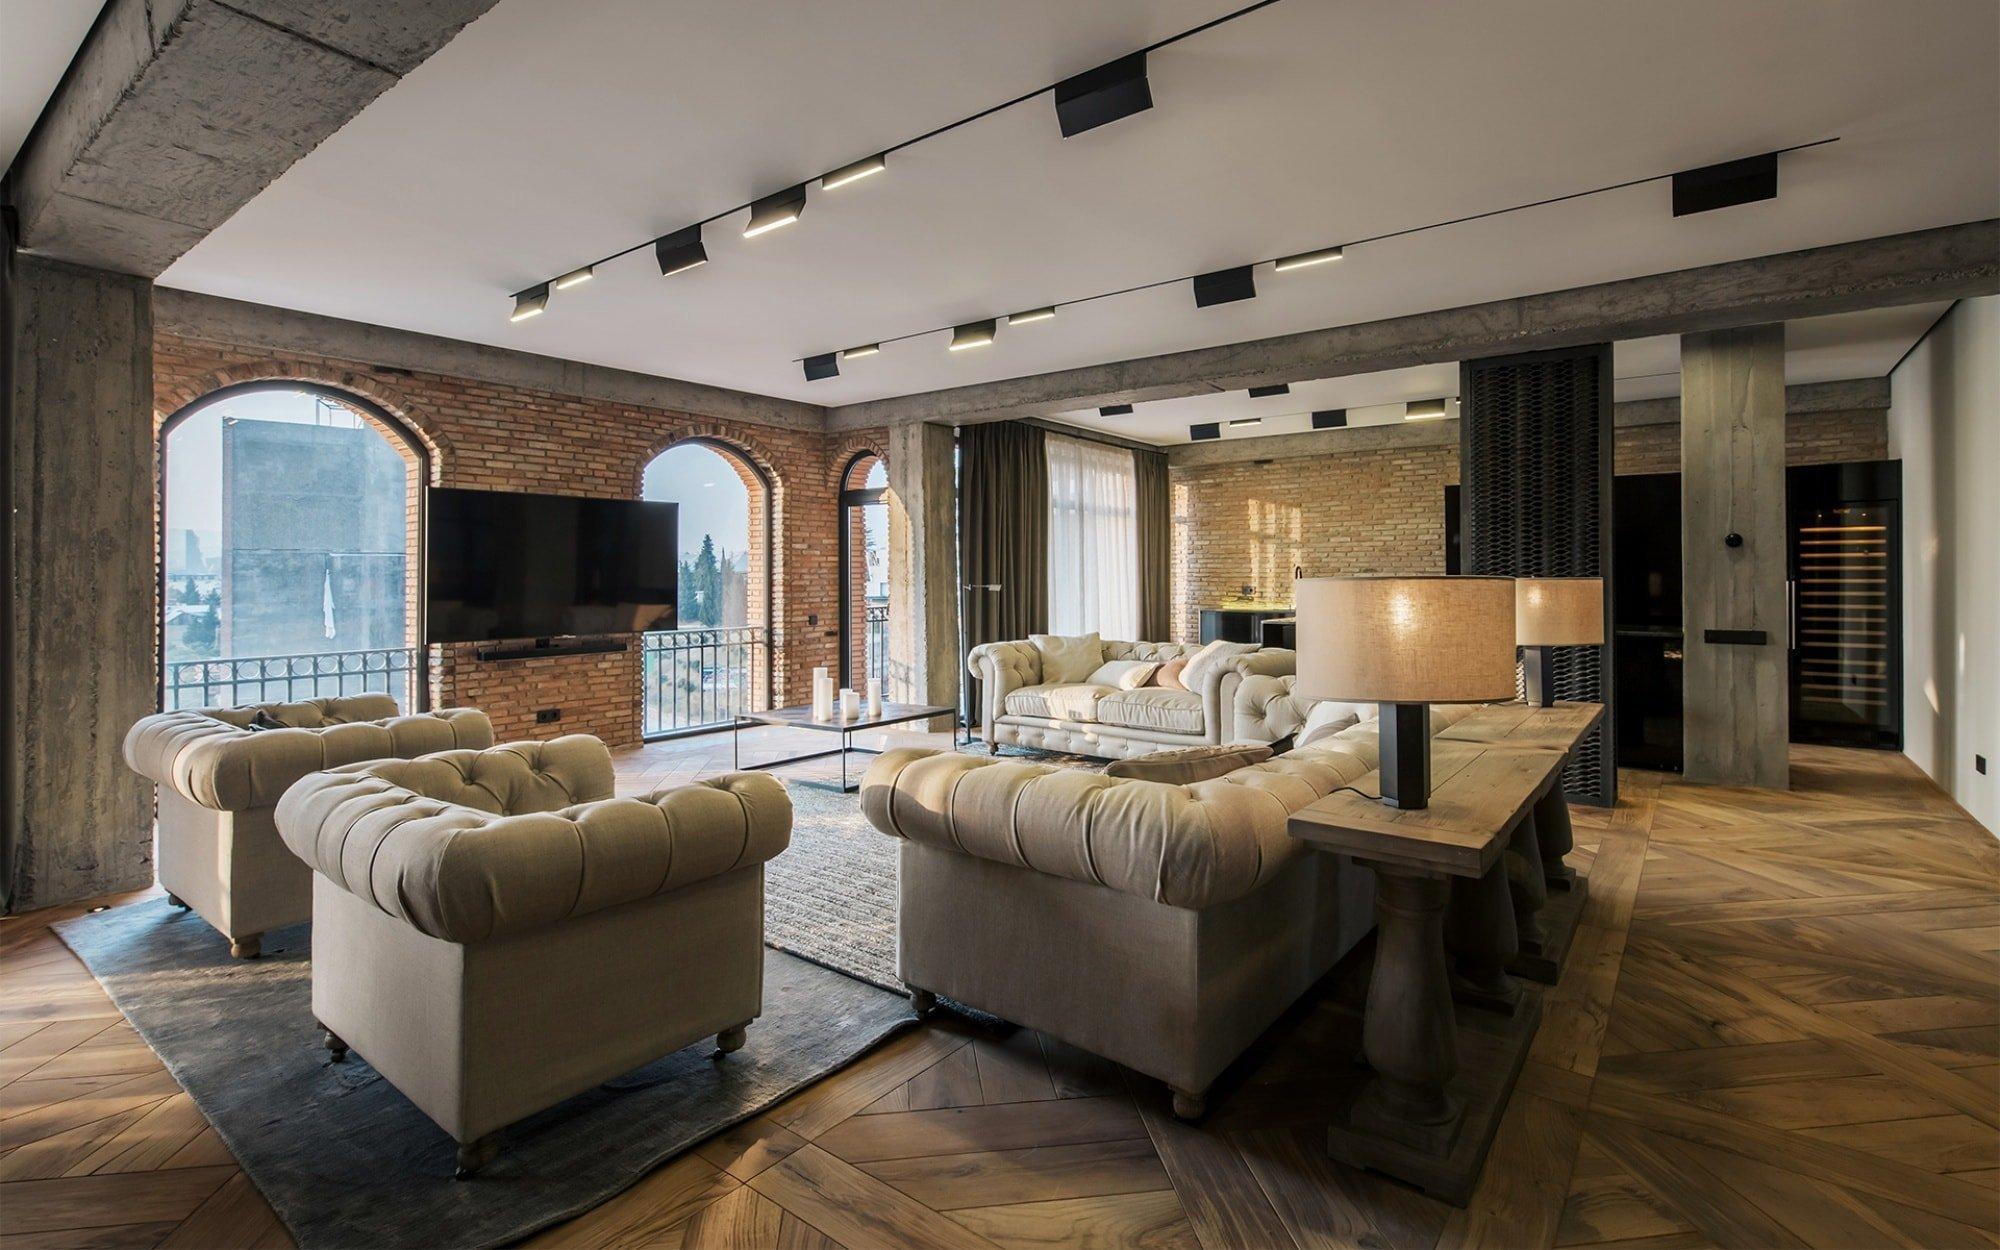 Tbilisi je nádherné město obklopené horami a s výhledem na řeku Kura. Místní prostředí a jeho povaha architekty silně ovlivňovala při vytváření tohoto interiéru, kde použili prvky související s rustikálním stylem. Právě tento styl je v posledních letech velmi populární, jelikož v sobě kombinuje dvě námi oblíbené věci: jednoduchost venkovského šarmu a moderní estetické cítění.